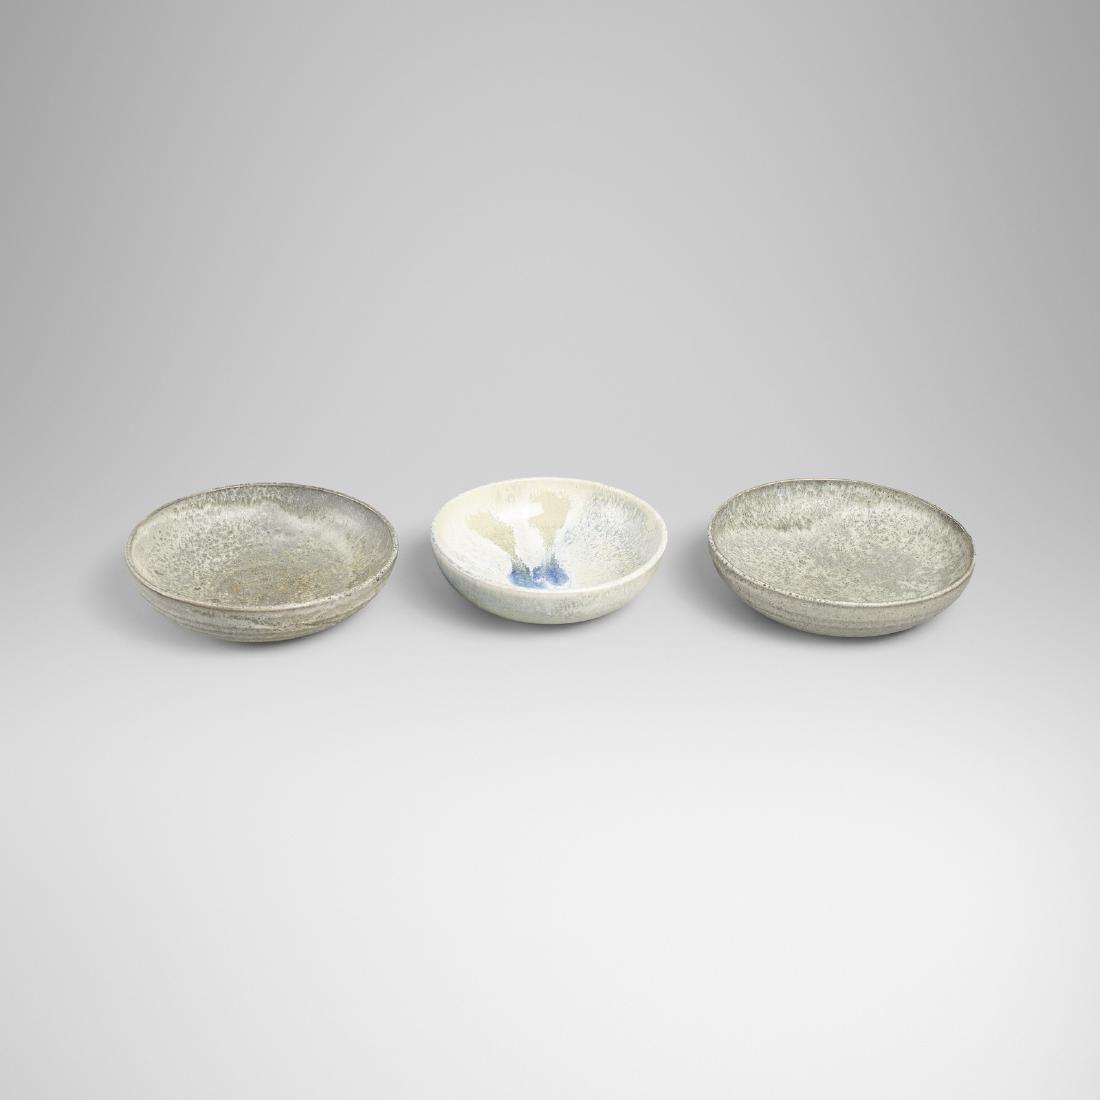 Aage and Kasper Wurtz, bowls, set of three